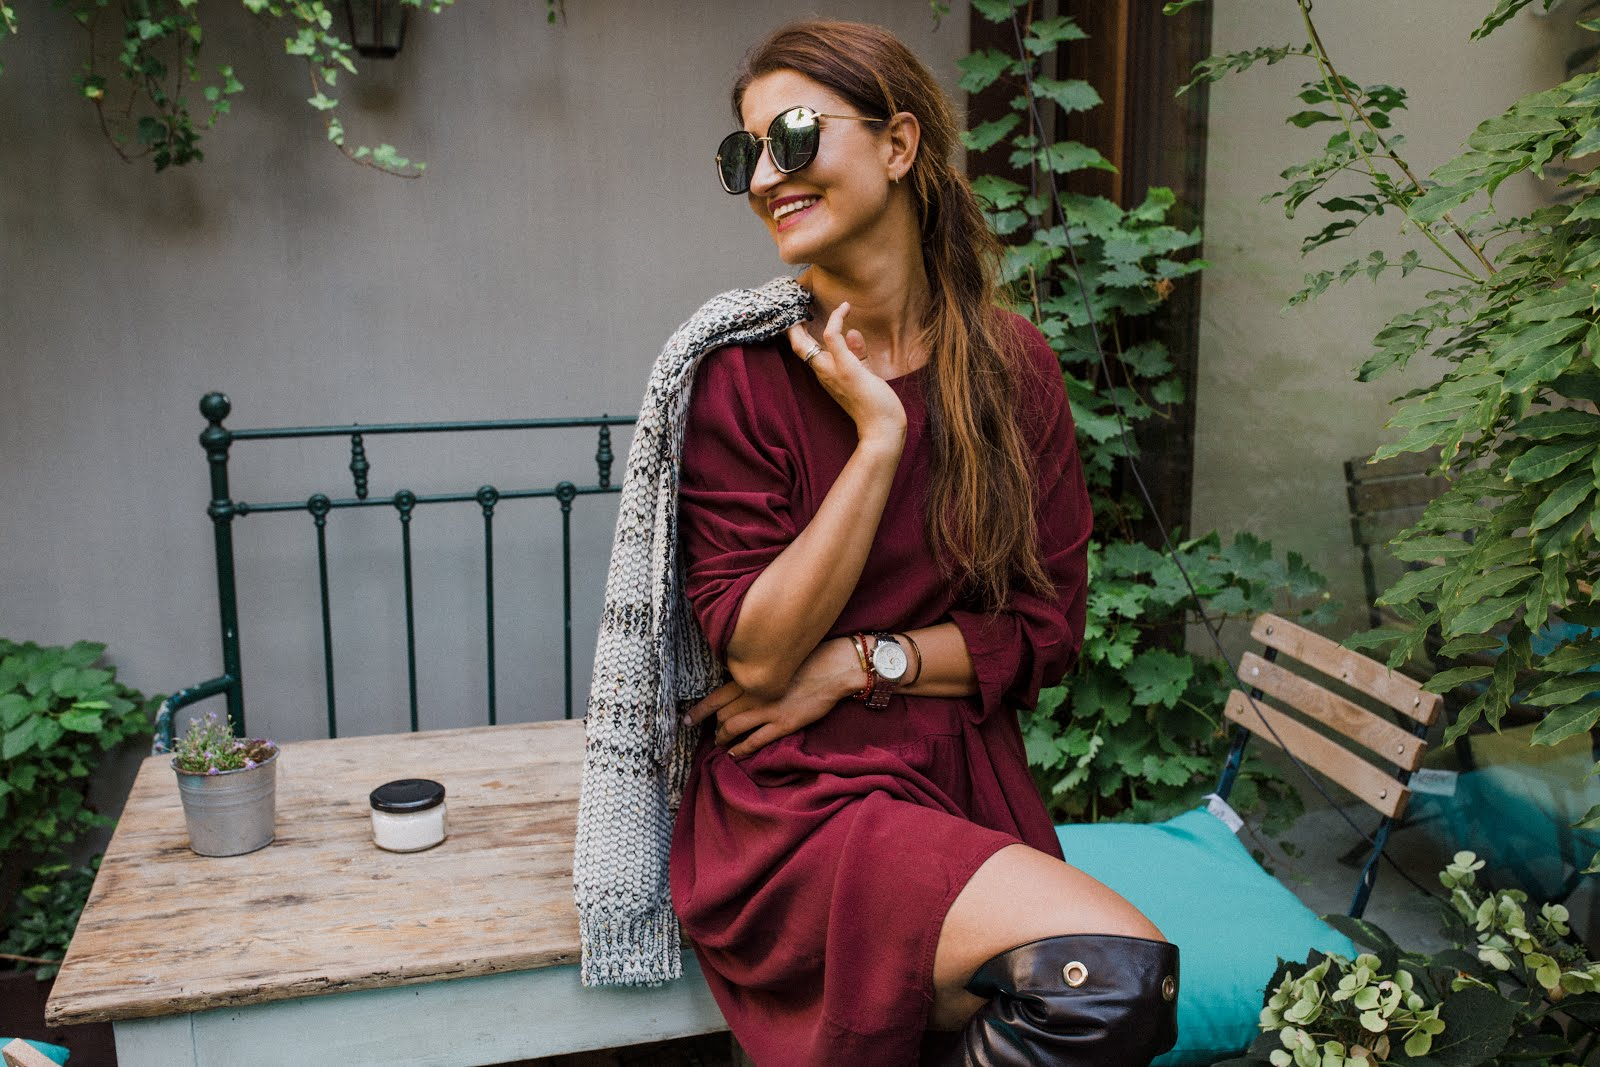 Jesienny kolorowy styl * kawa i przepyszne ciacha w jesiennych barwach